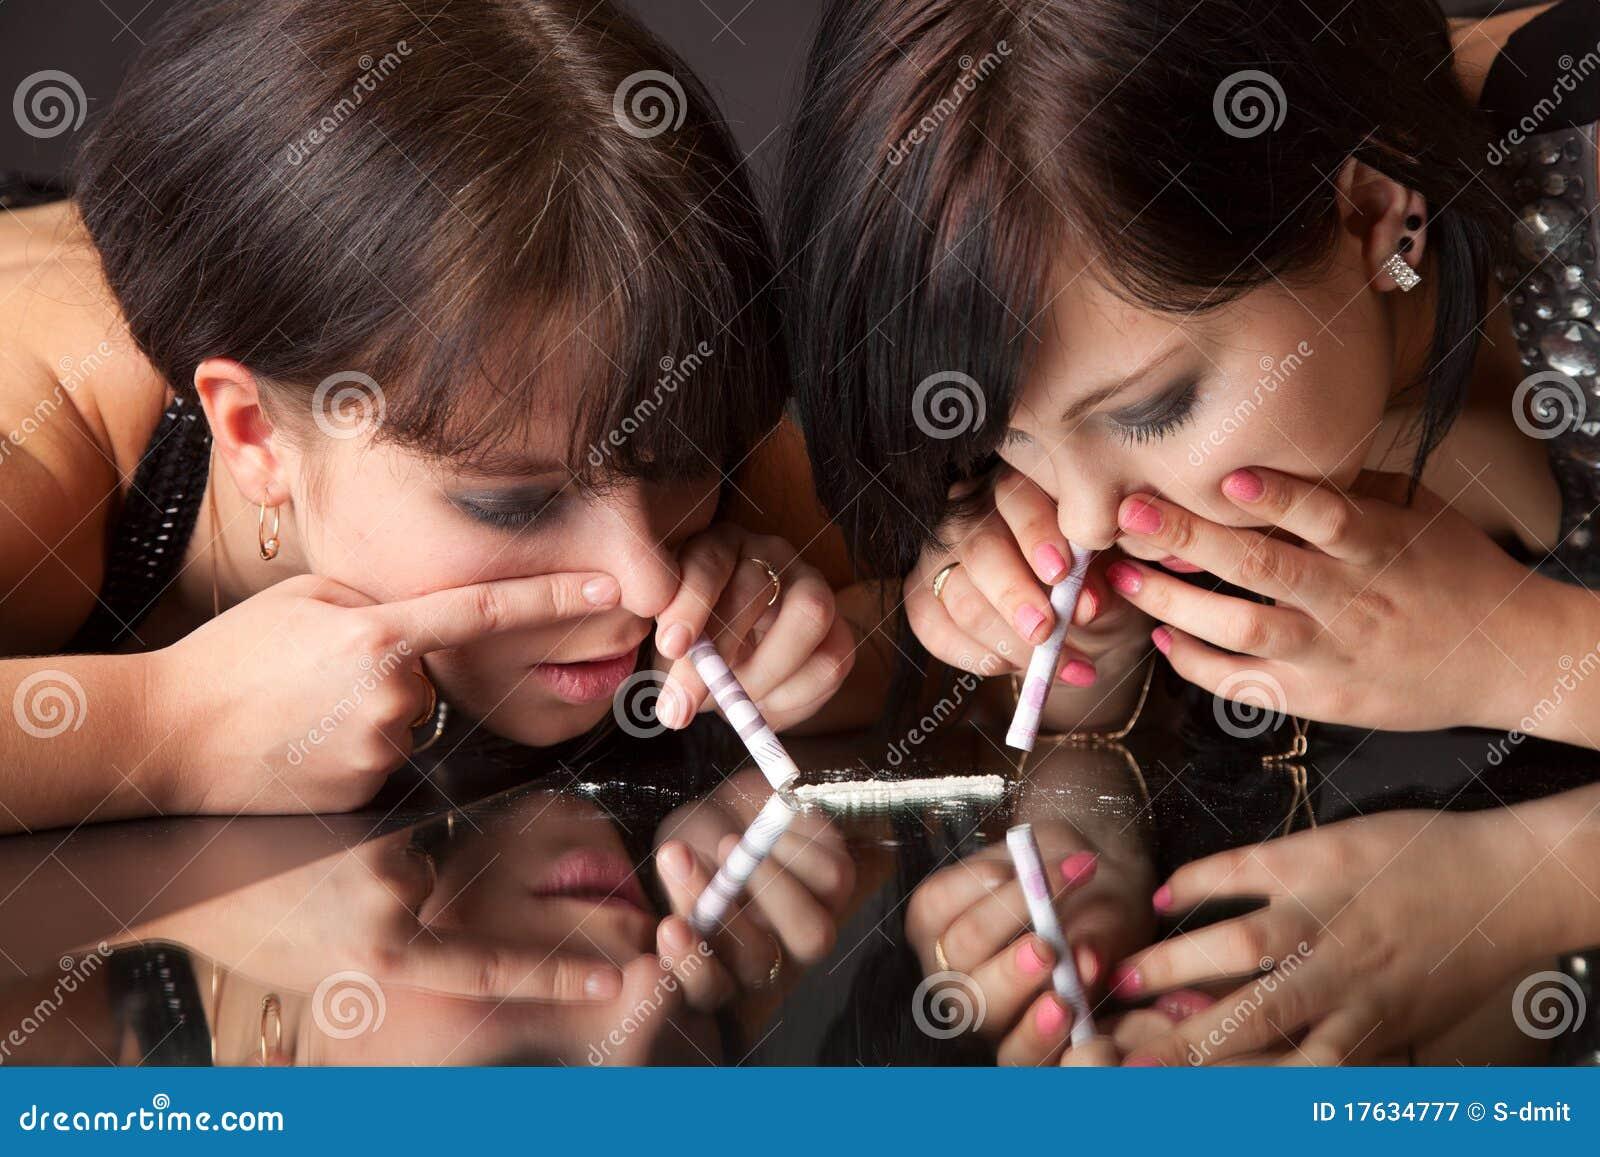 Фото девушки и кокаин 13 фотография